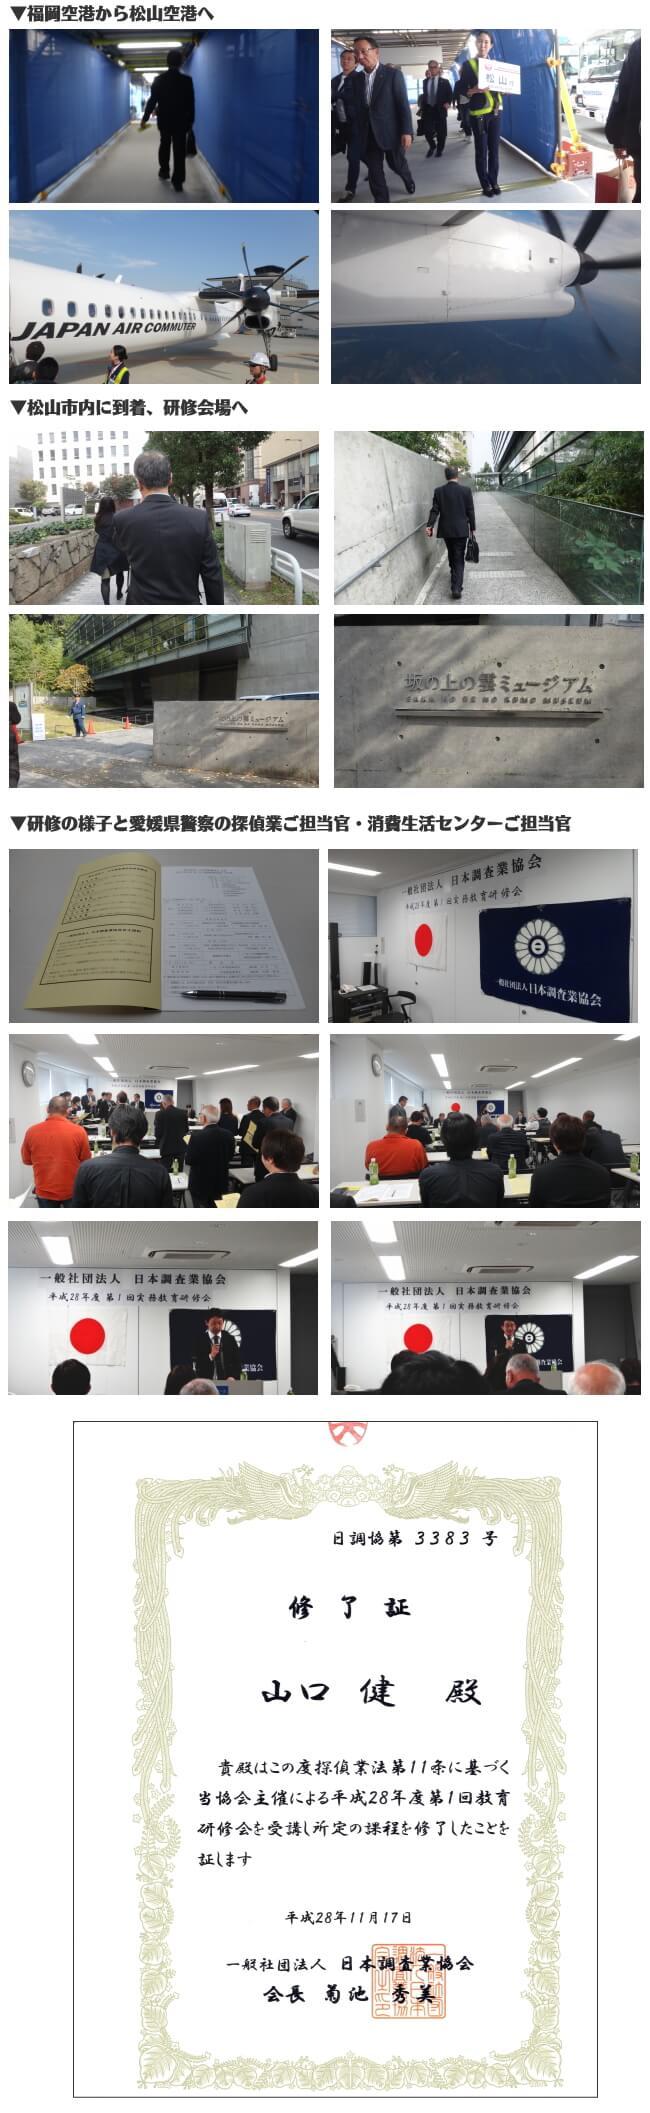 探偵業実務研修会 平成28年11月17日